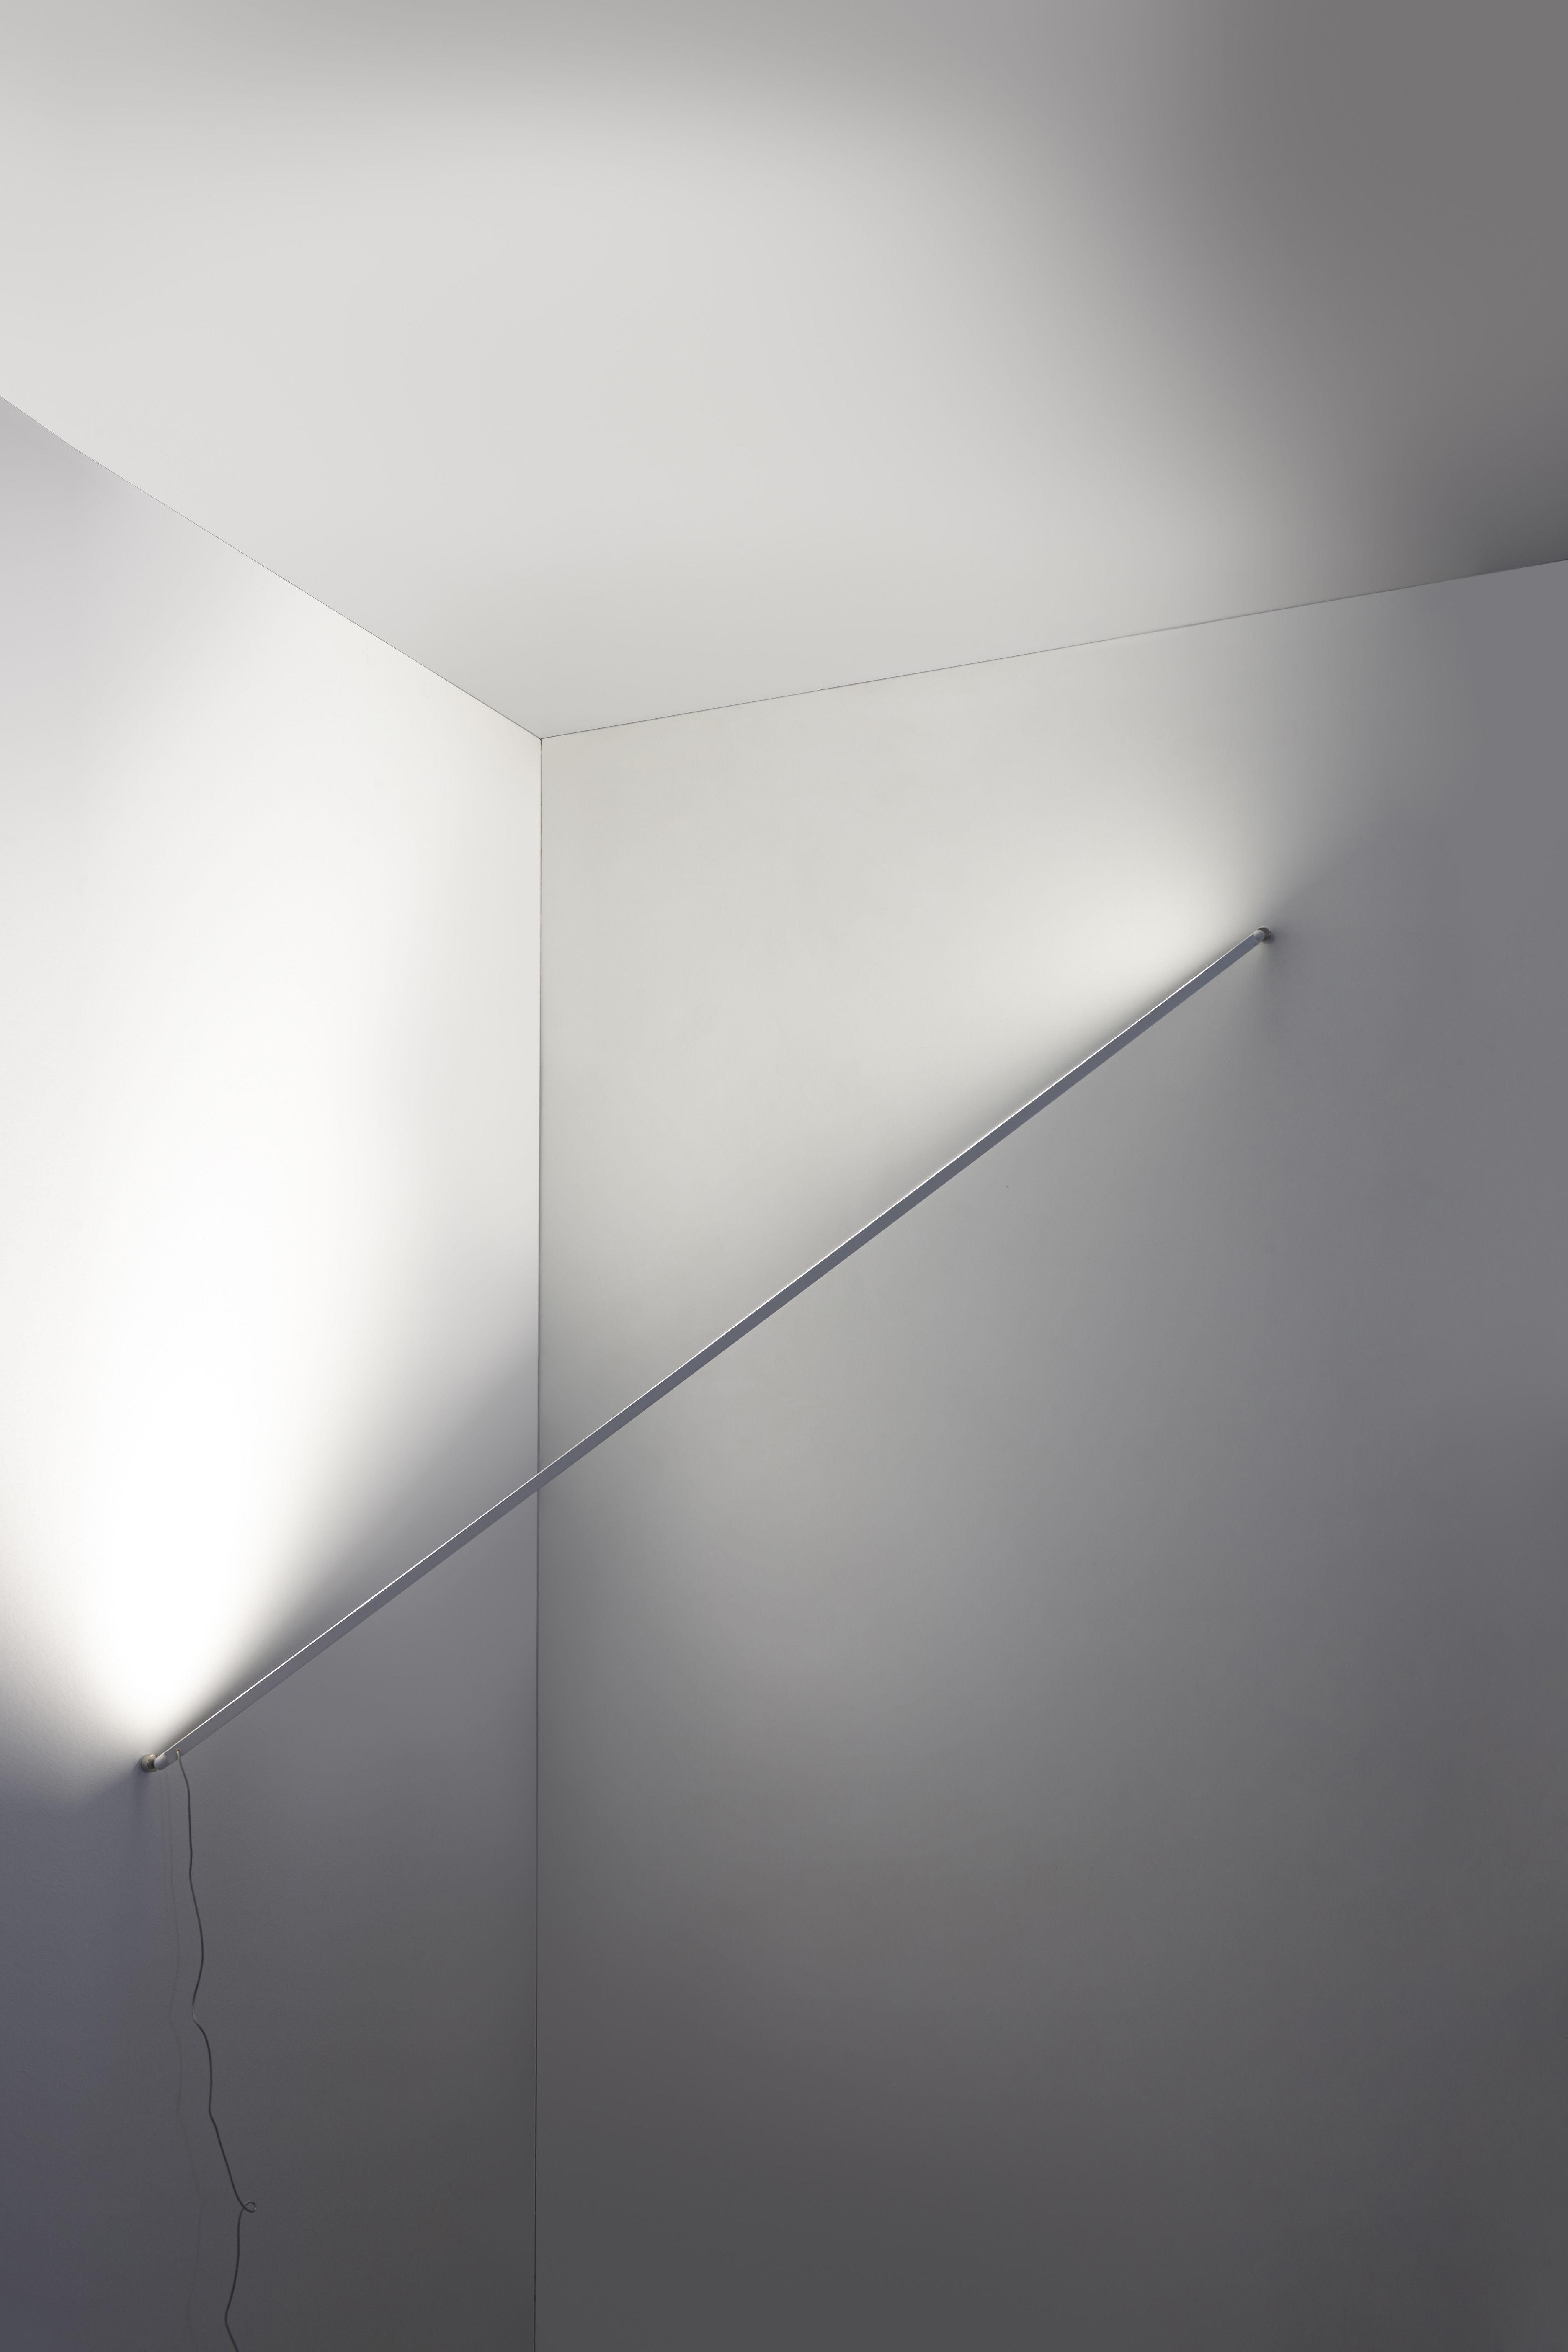 flashit led l 150 cm artemide wandleuchte. Black Bedroom Furniture Sets. Home Design Ideas